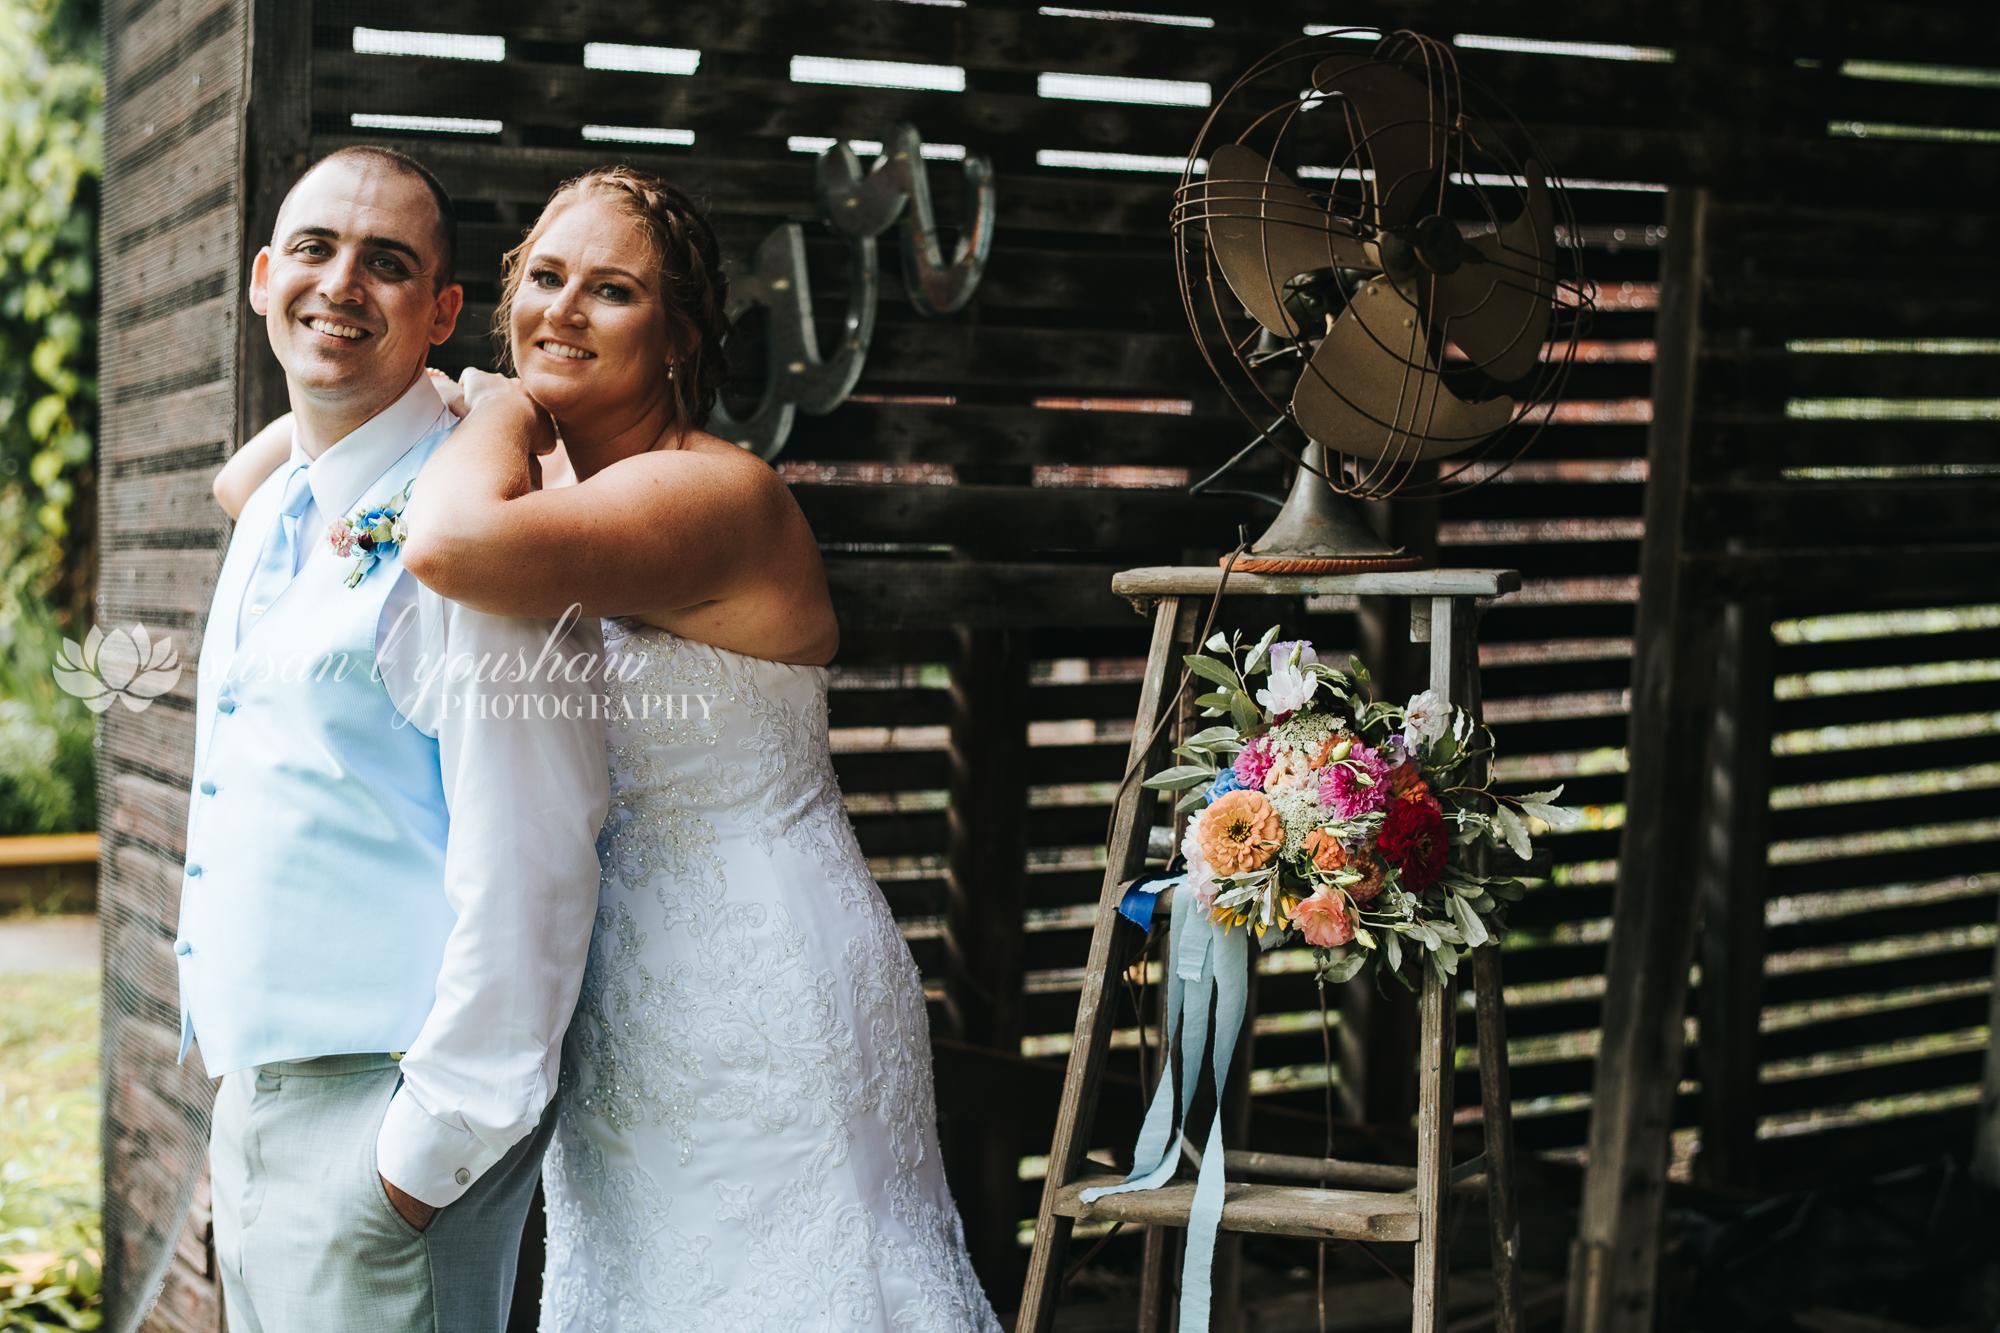 Erin and Jason Wedding Photos 07-06-2019 SLY Photography-118.jpg